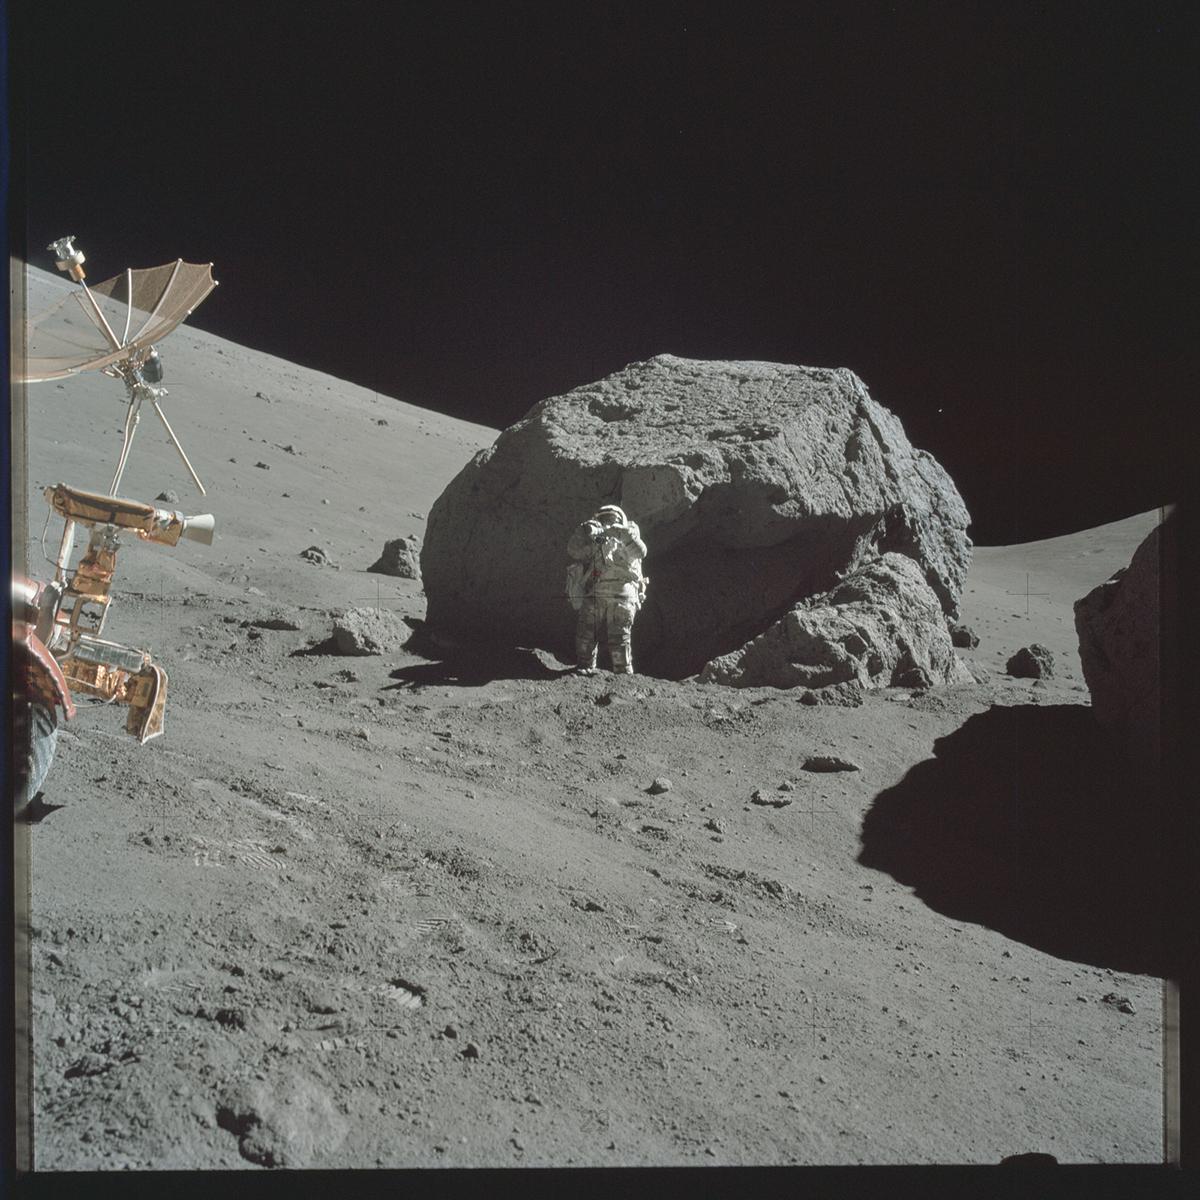 EVA della misisone lunare Apollo 17